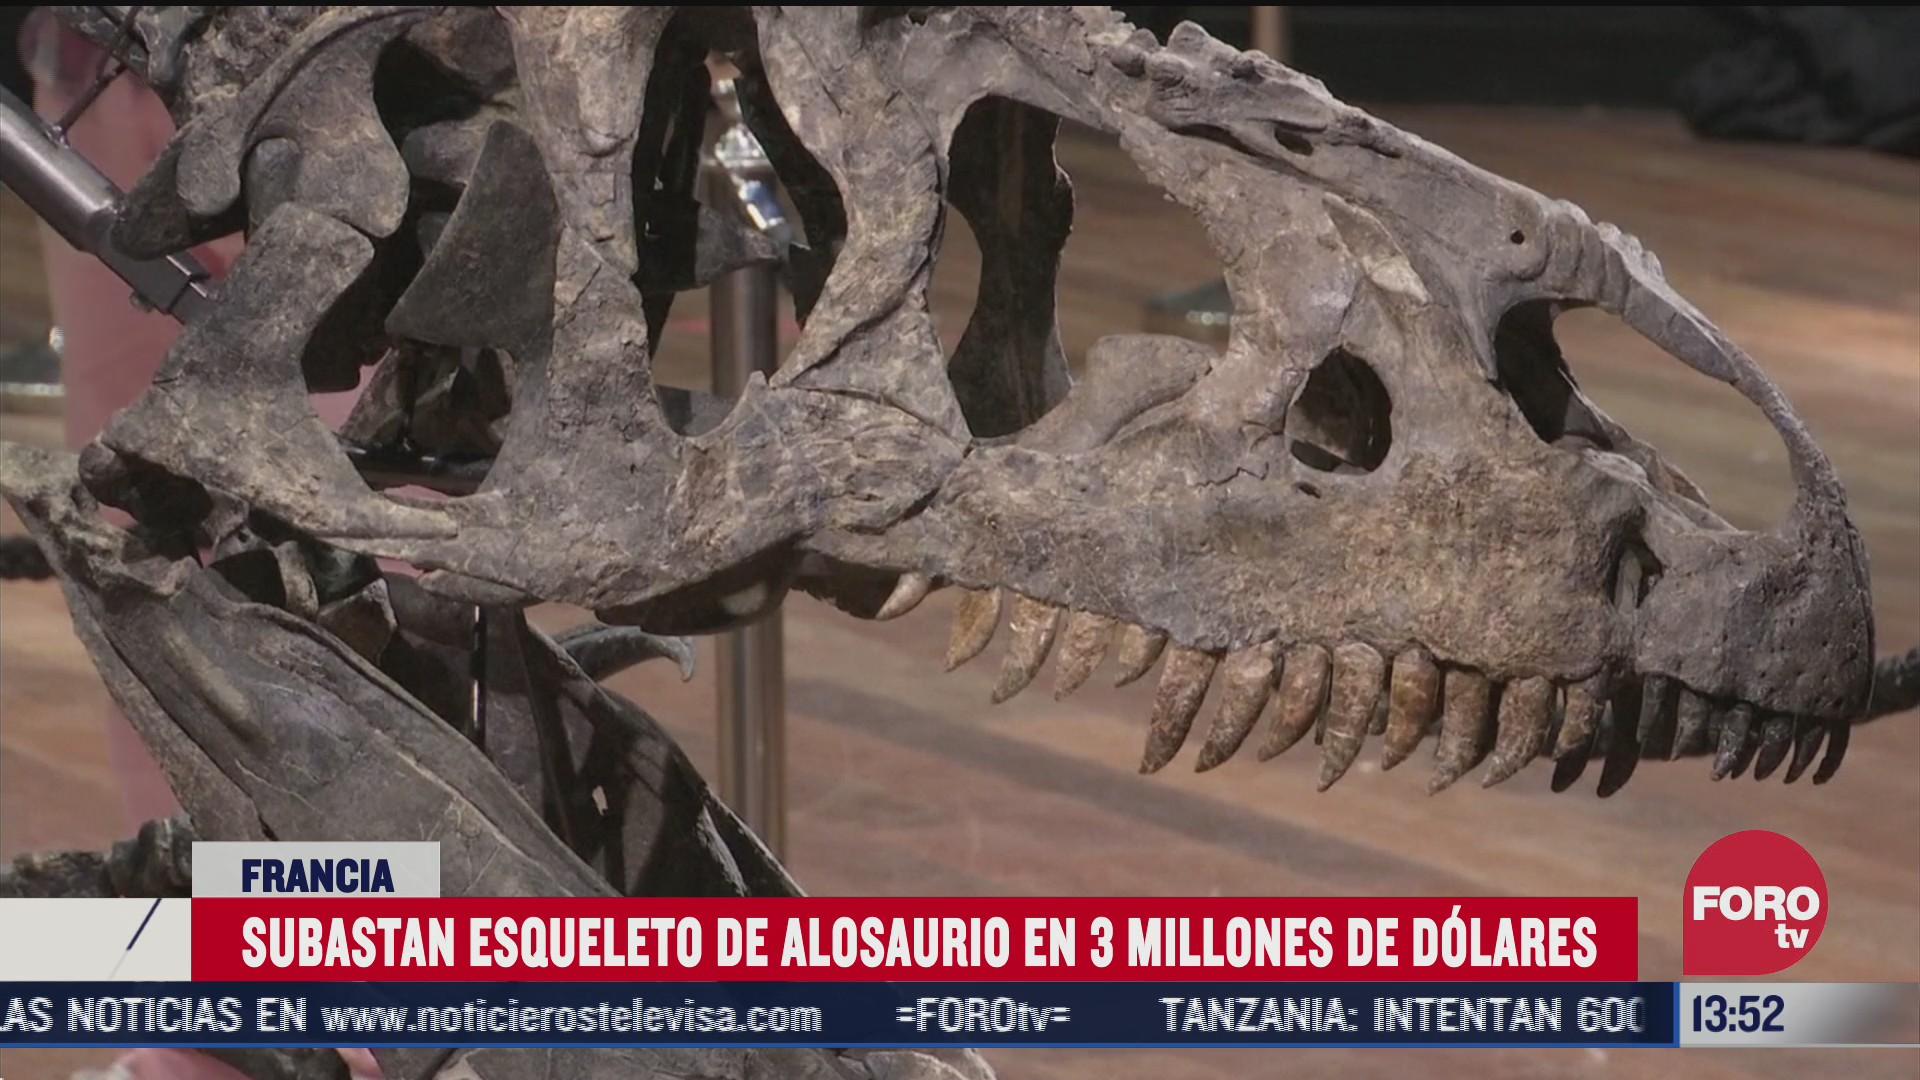 subastan esqueleto de alosaurio en 3 millones de dolares en francia